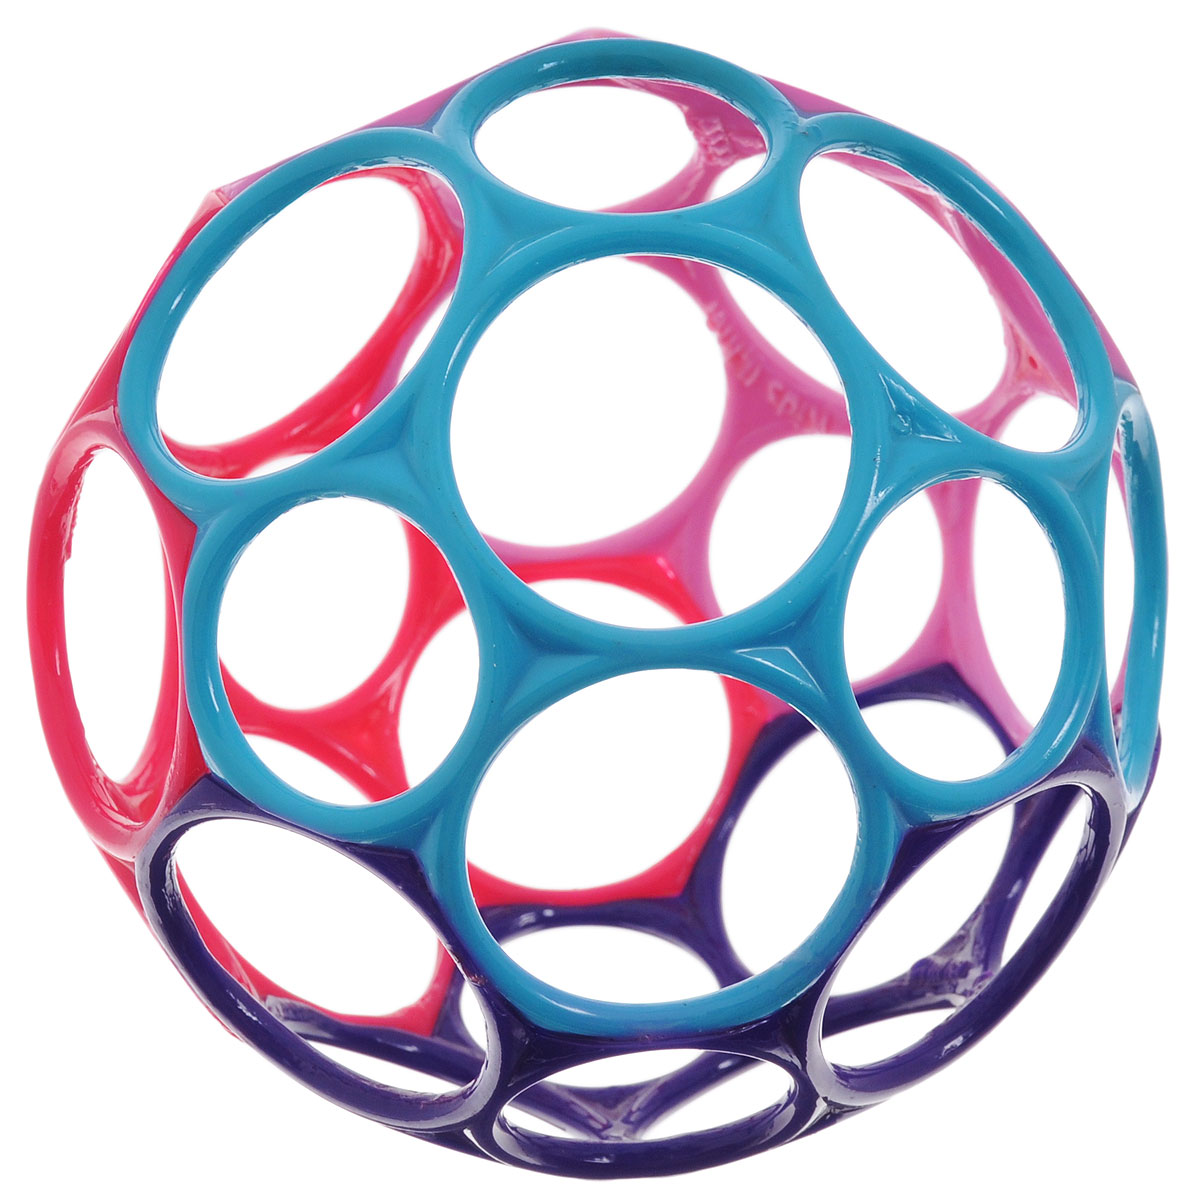 Oball Развивающая игрушка Мячик цвет фиолетовый голубой розовый головоломки oball развивающая игрушка на присоске oball